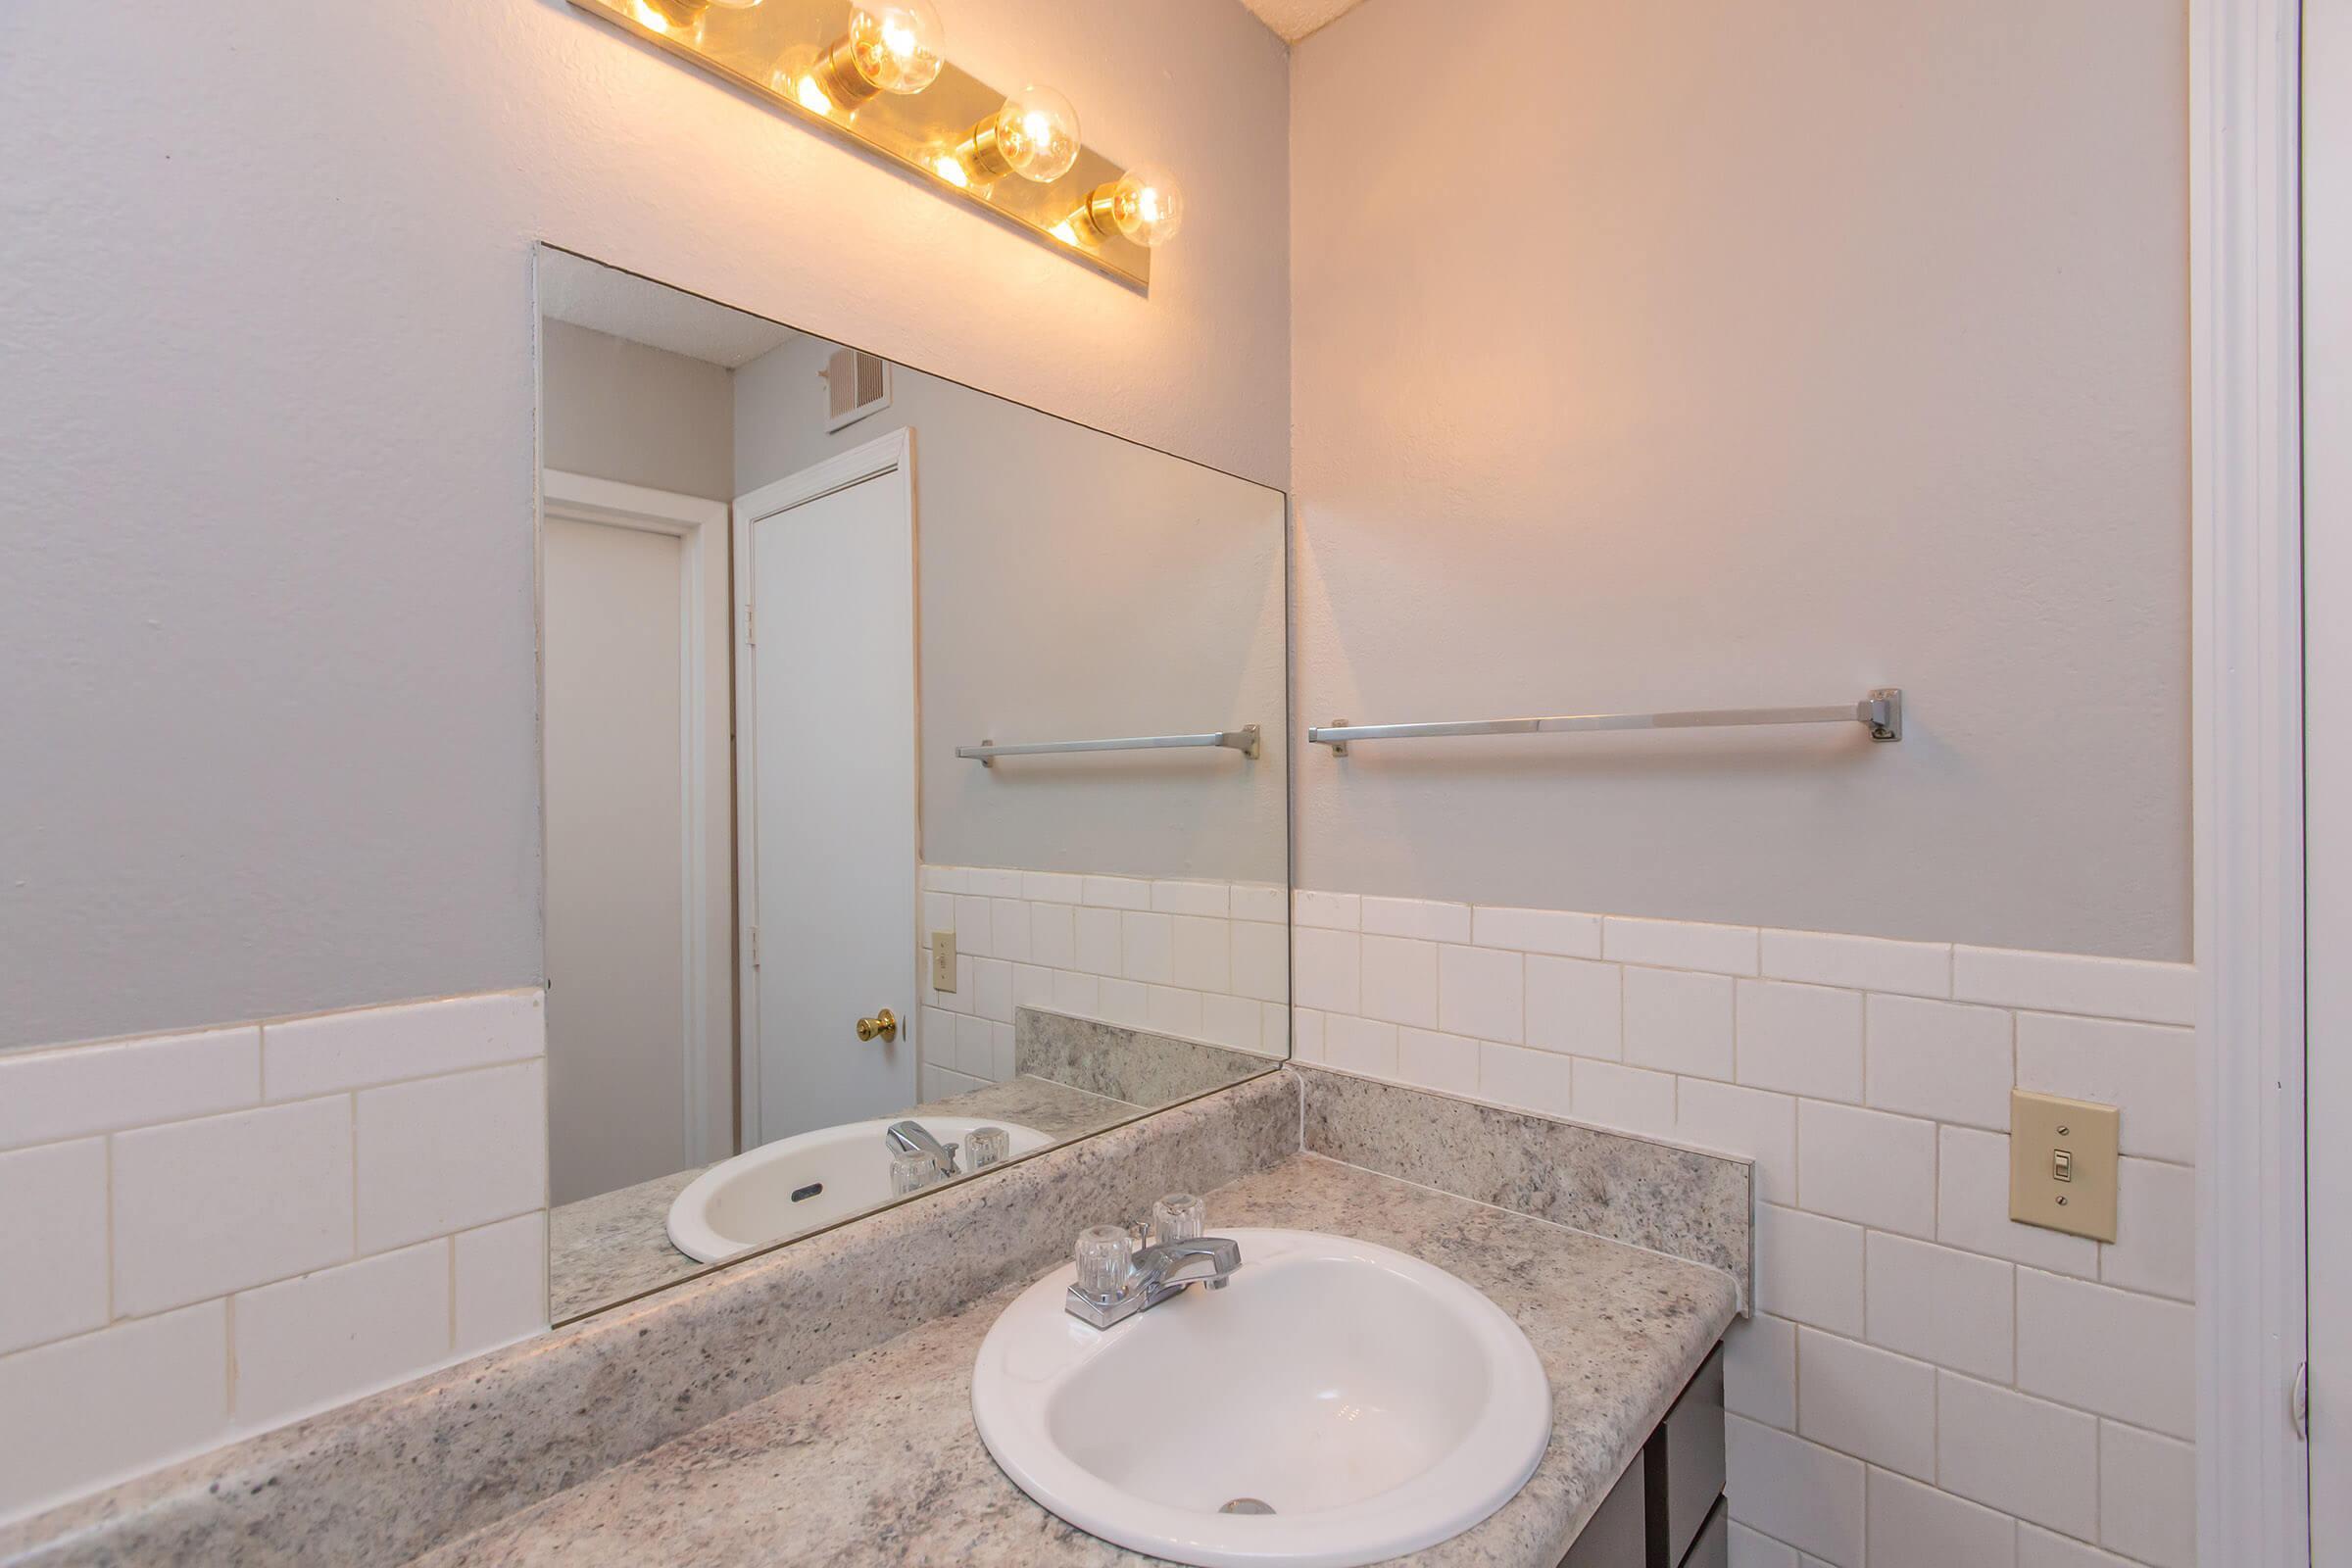 Warm tiled bathroom